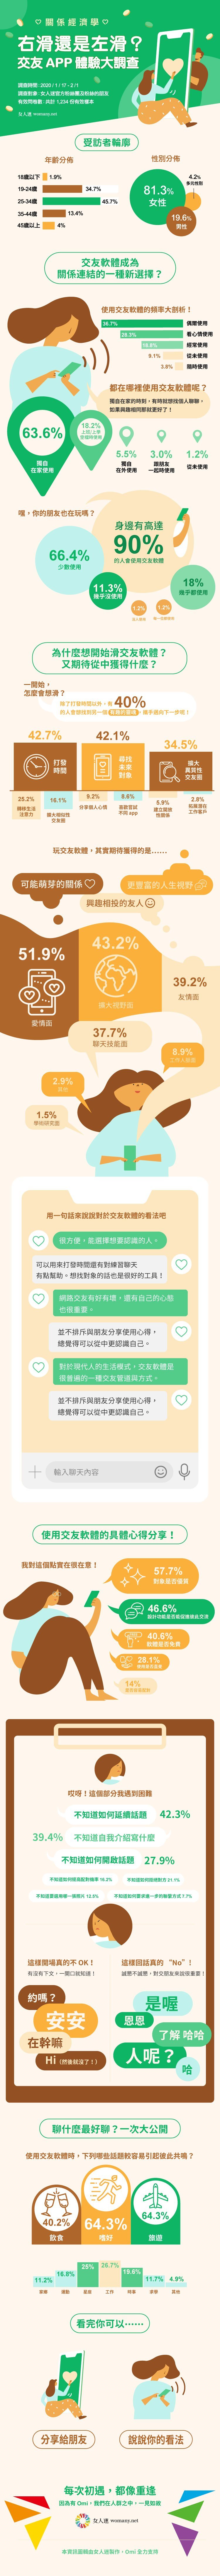 【資訊圖表】左滑掰掰右滑找真愛?網友最在乎的交友習慣大調查